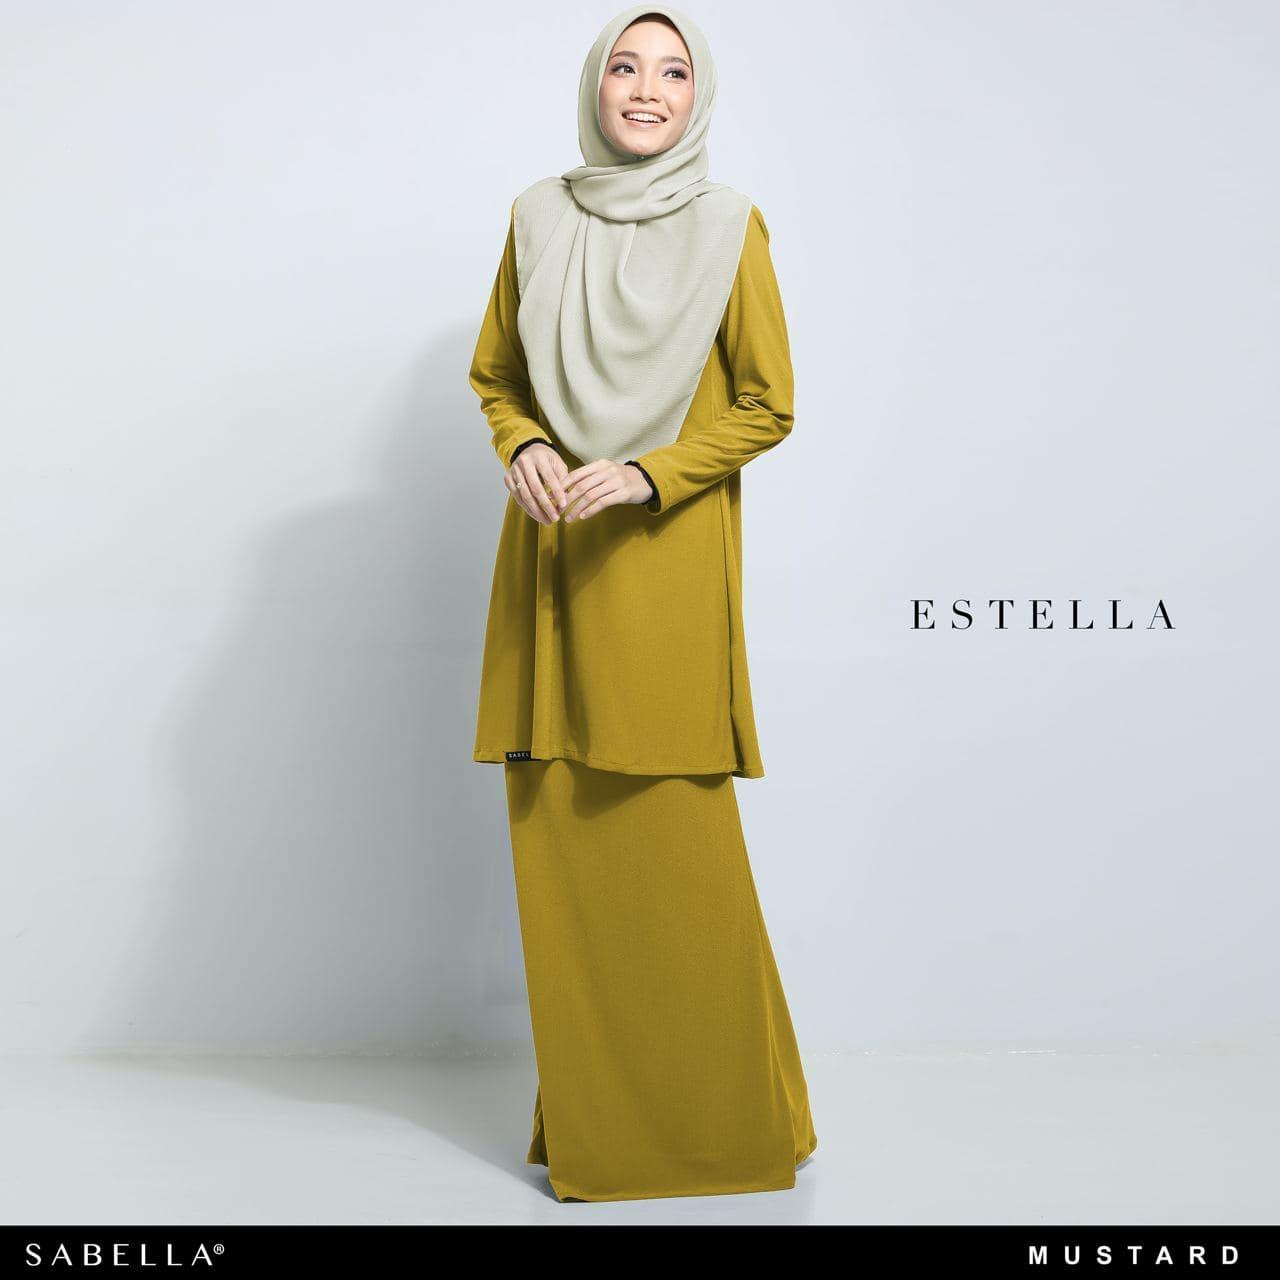 Estella 2.0 Mustard (R)